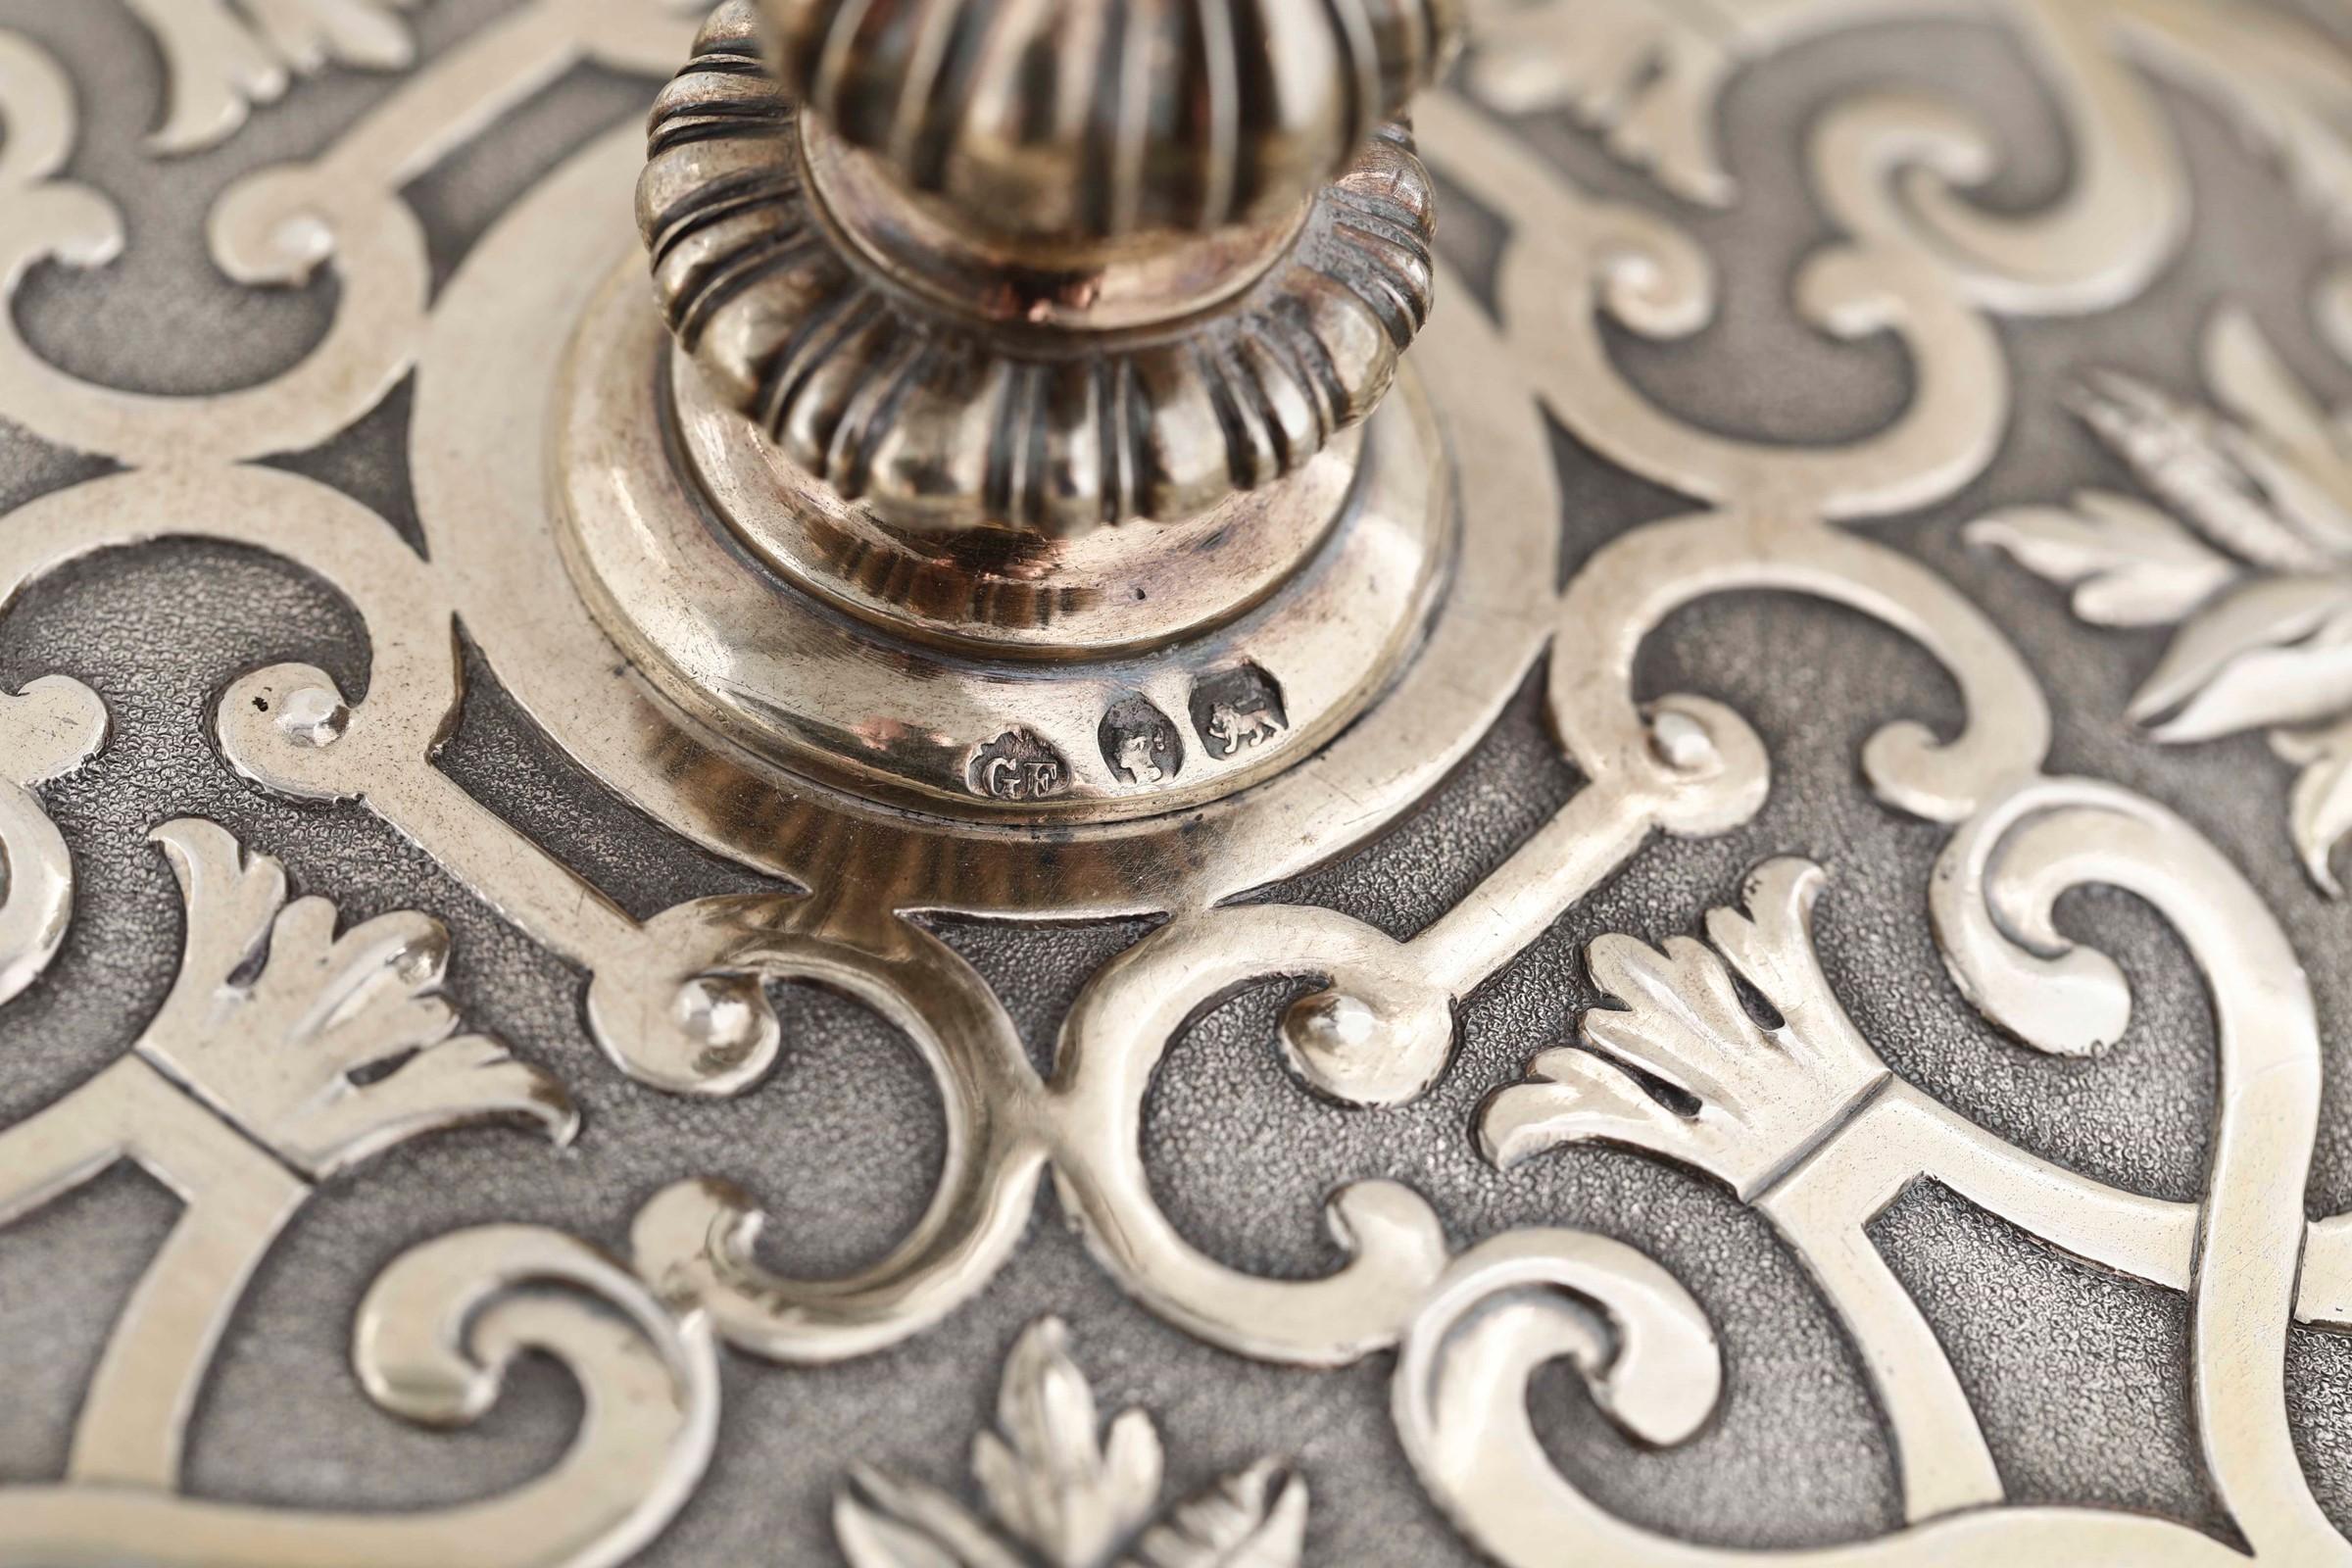 Coppia di importanti alzate in argento fuso, cesellato e dorato. Londra seconda metà [...] - Image 4 of 6